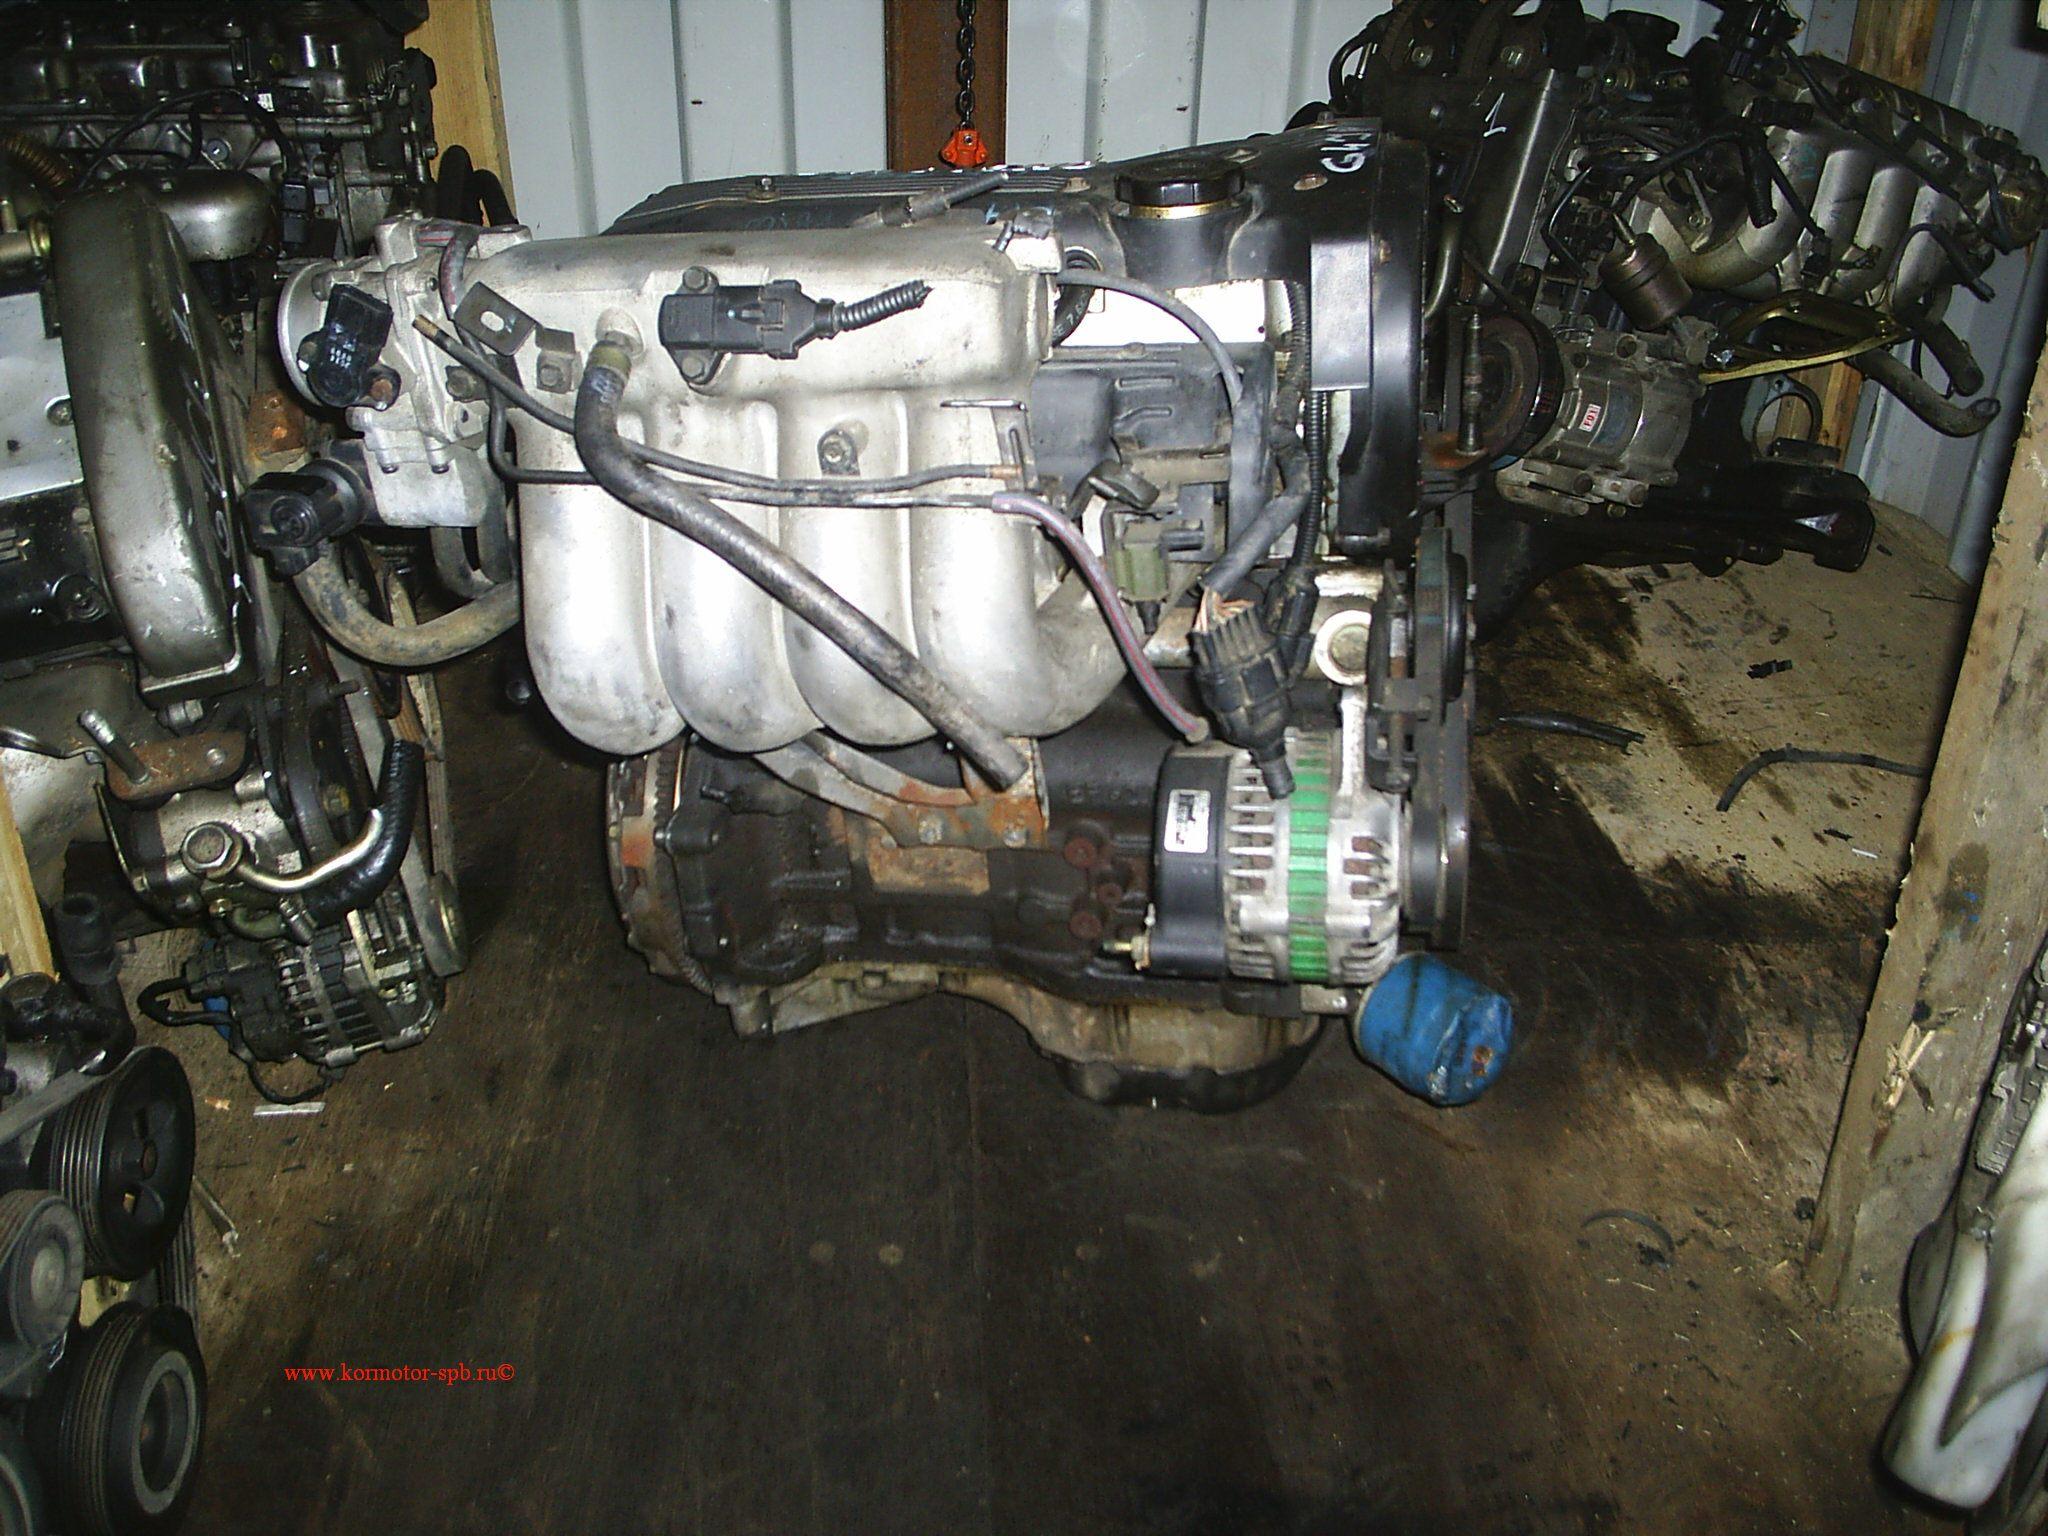 Двигатель для Хендай Соната, Траджет, Санта Фе бензин G4JP DOHC